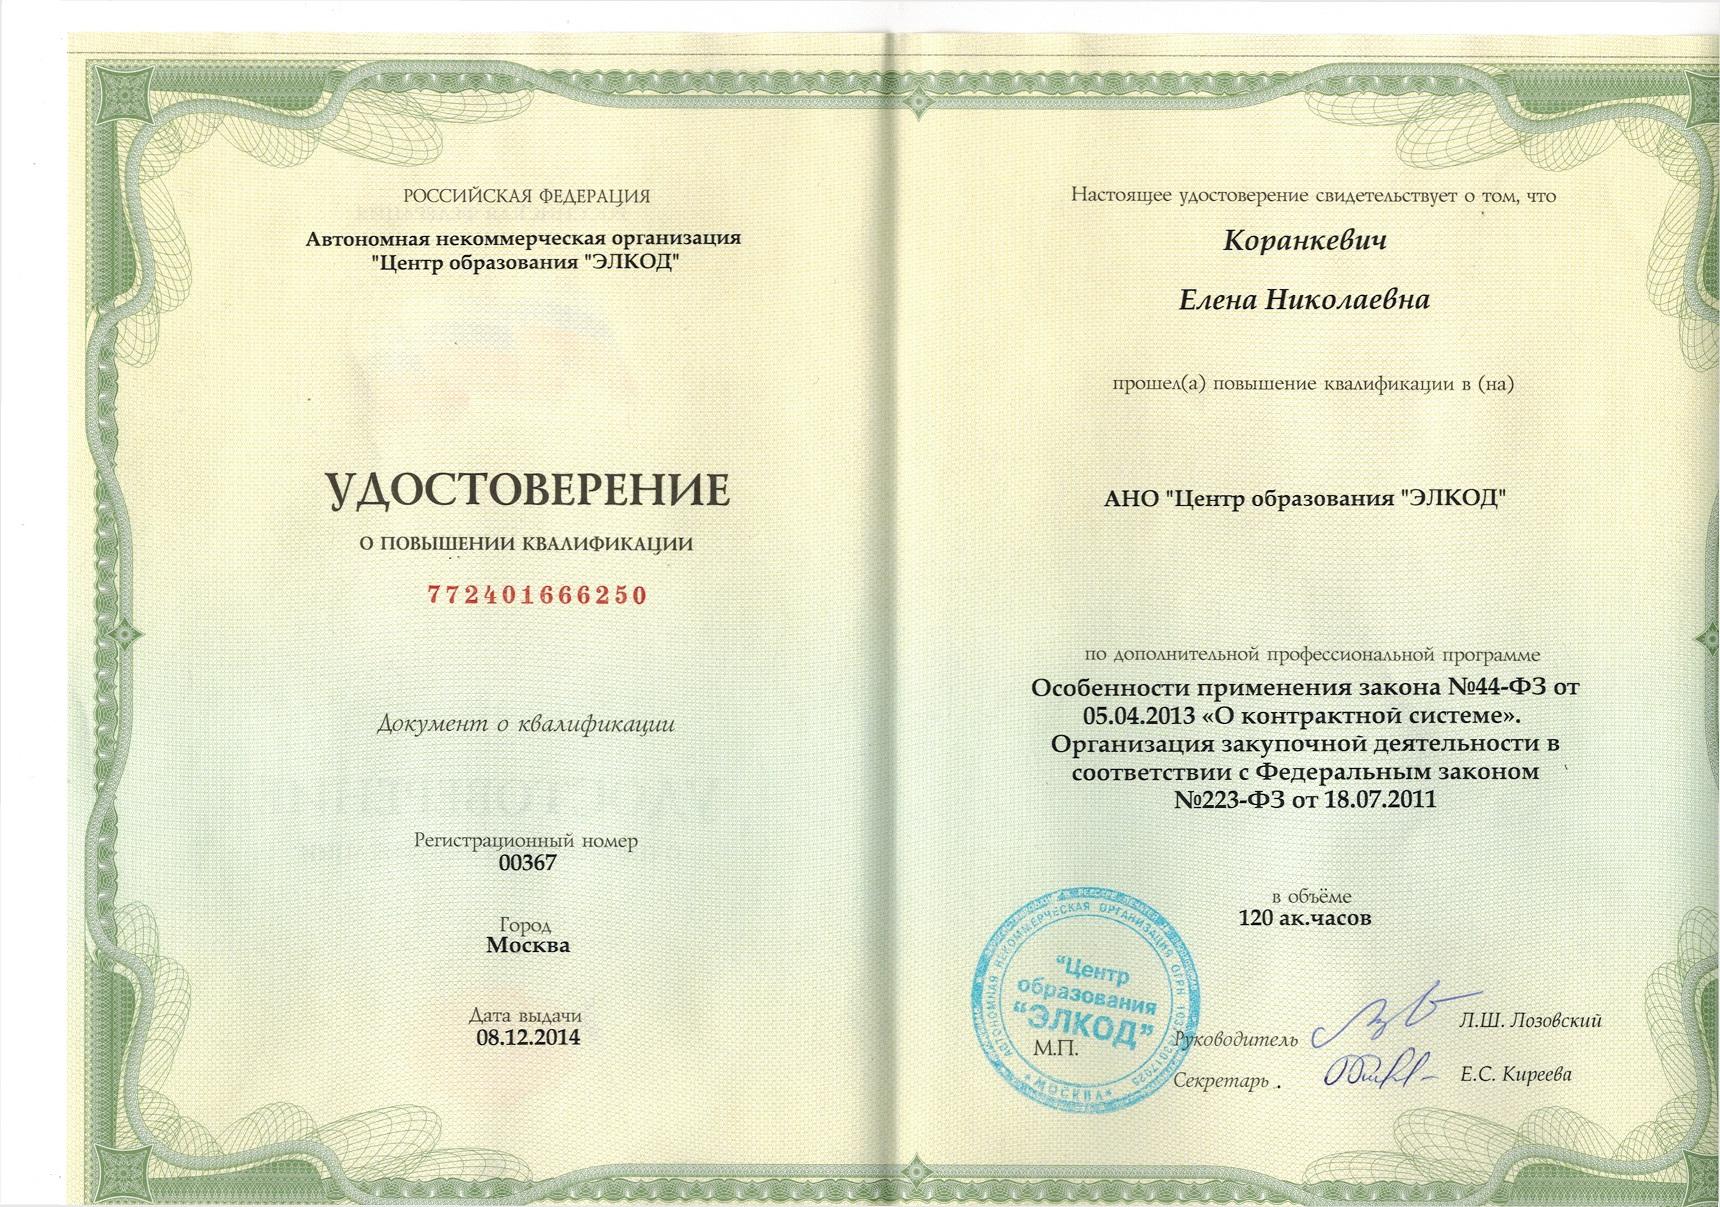 удостоверение Коранкевич Е.Н.